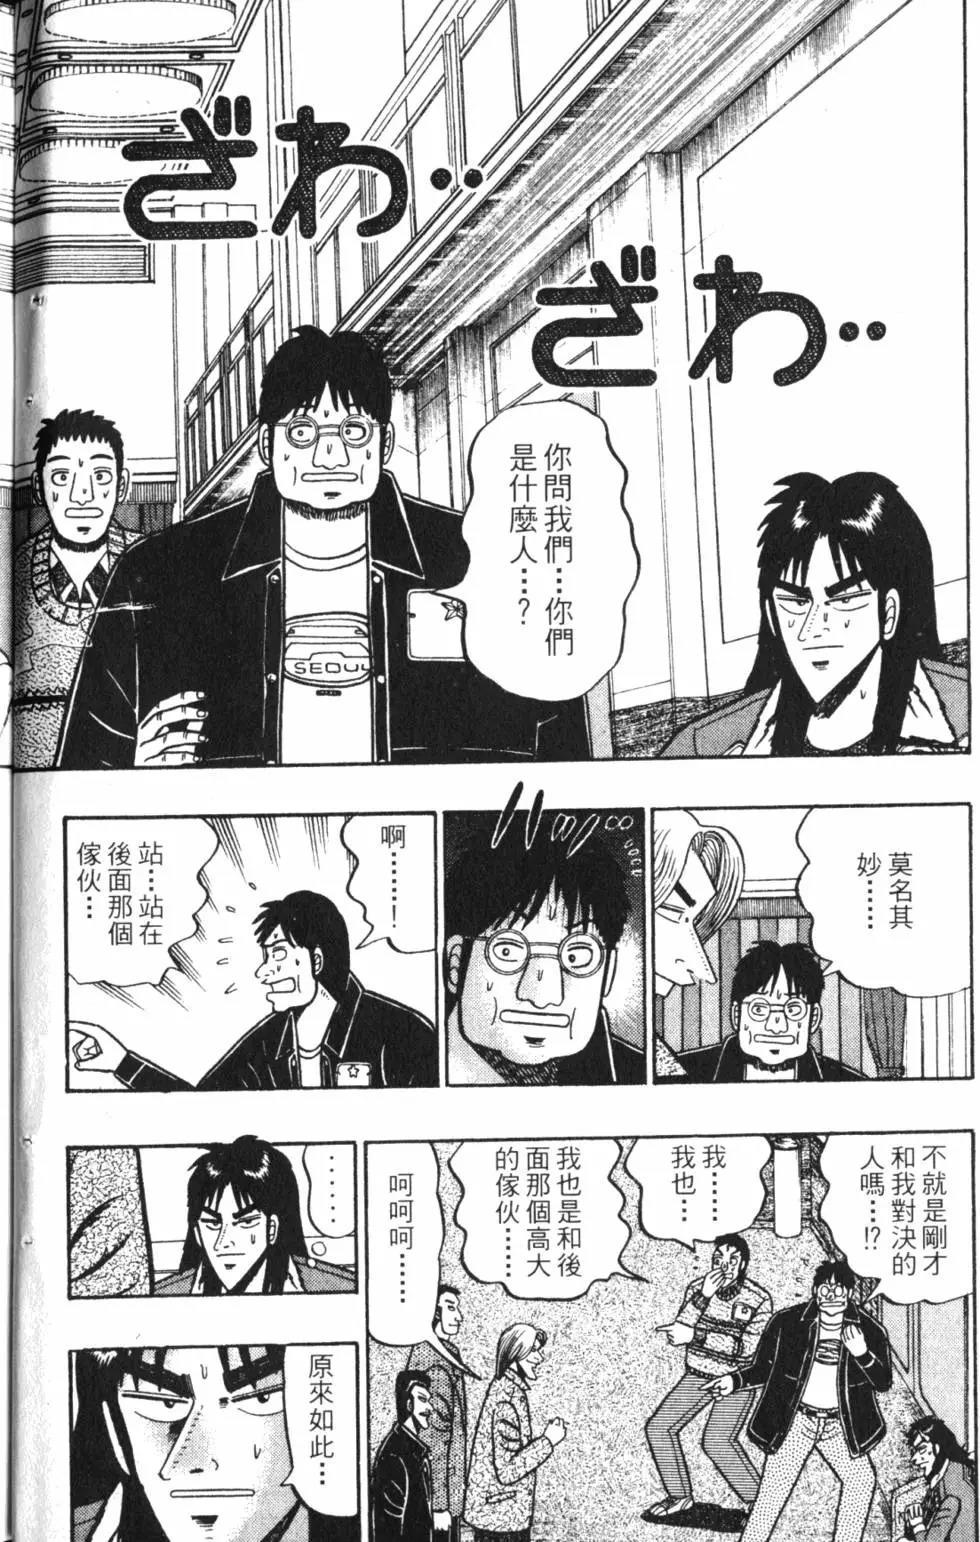 賭博默示錄漫畫單行本 第03卷-漫畫DB